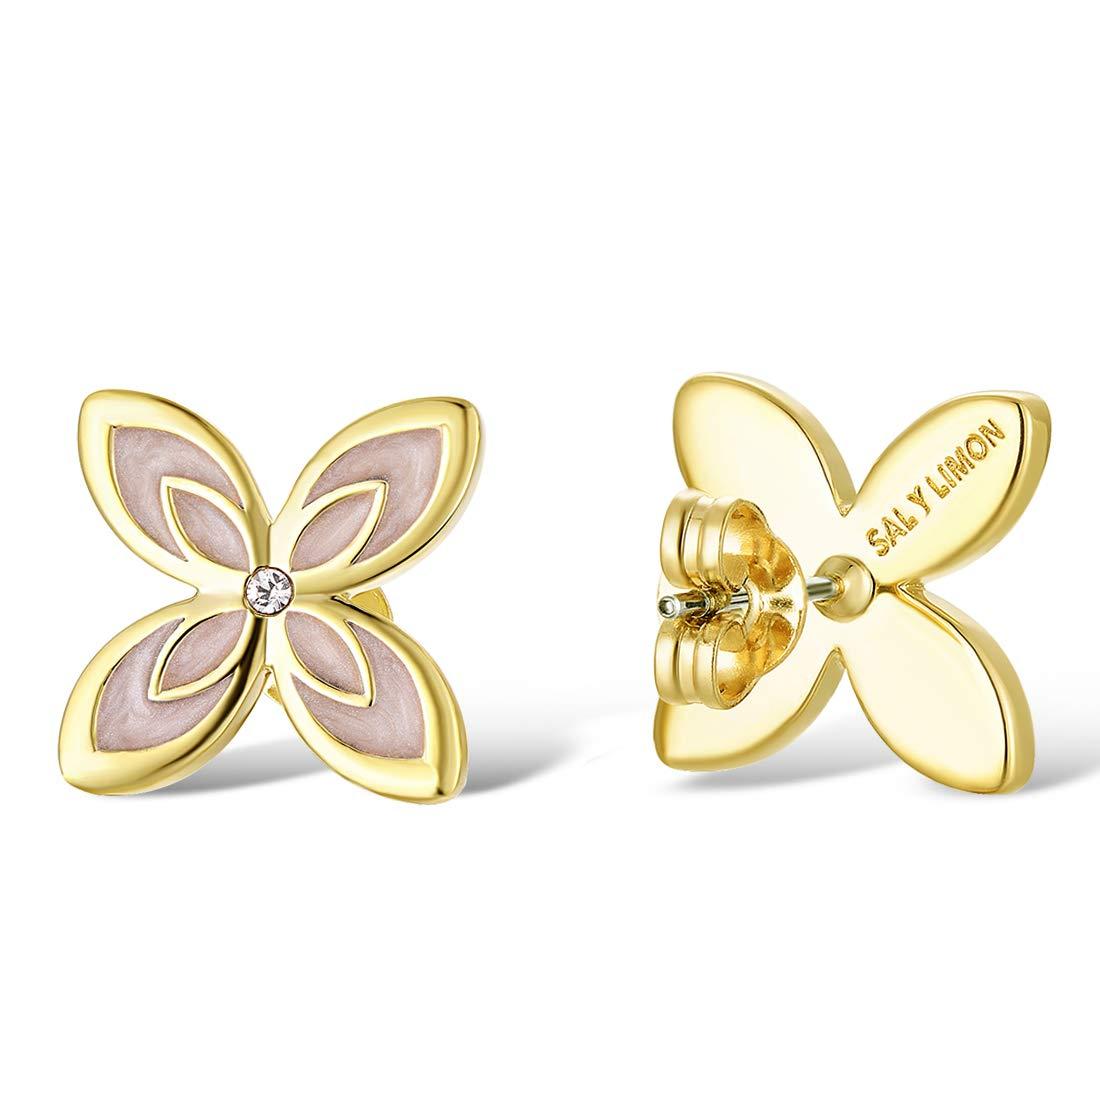 Santuzza Clover Stud Earrings Yellow Gold Plating Cubic Zirconia Earrings Brass Hypoallergenic Stud Earrings Enamel Ear Accessories for Women Girls(Pink)